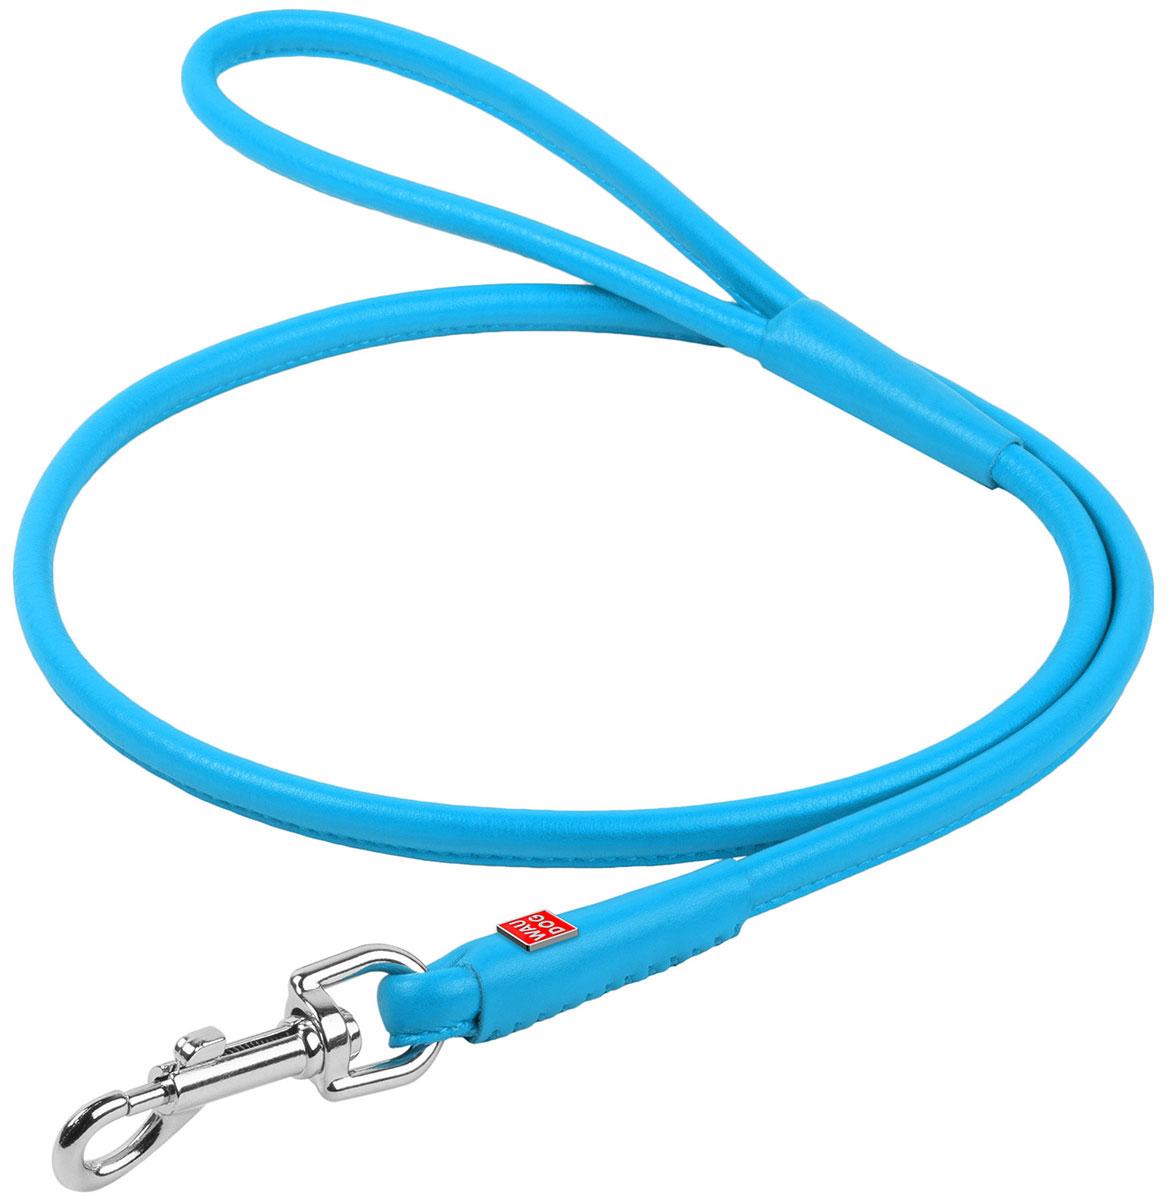 Поводок кожаный круглый для собак синий 4 мм 122 см Collar WauDog Glamour (1 шт)